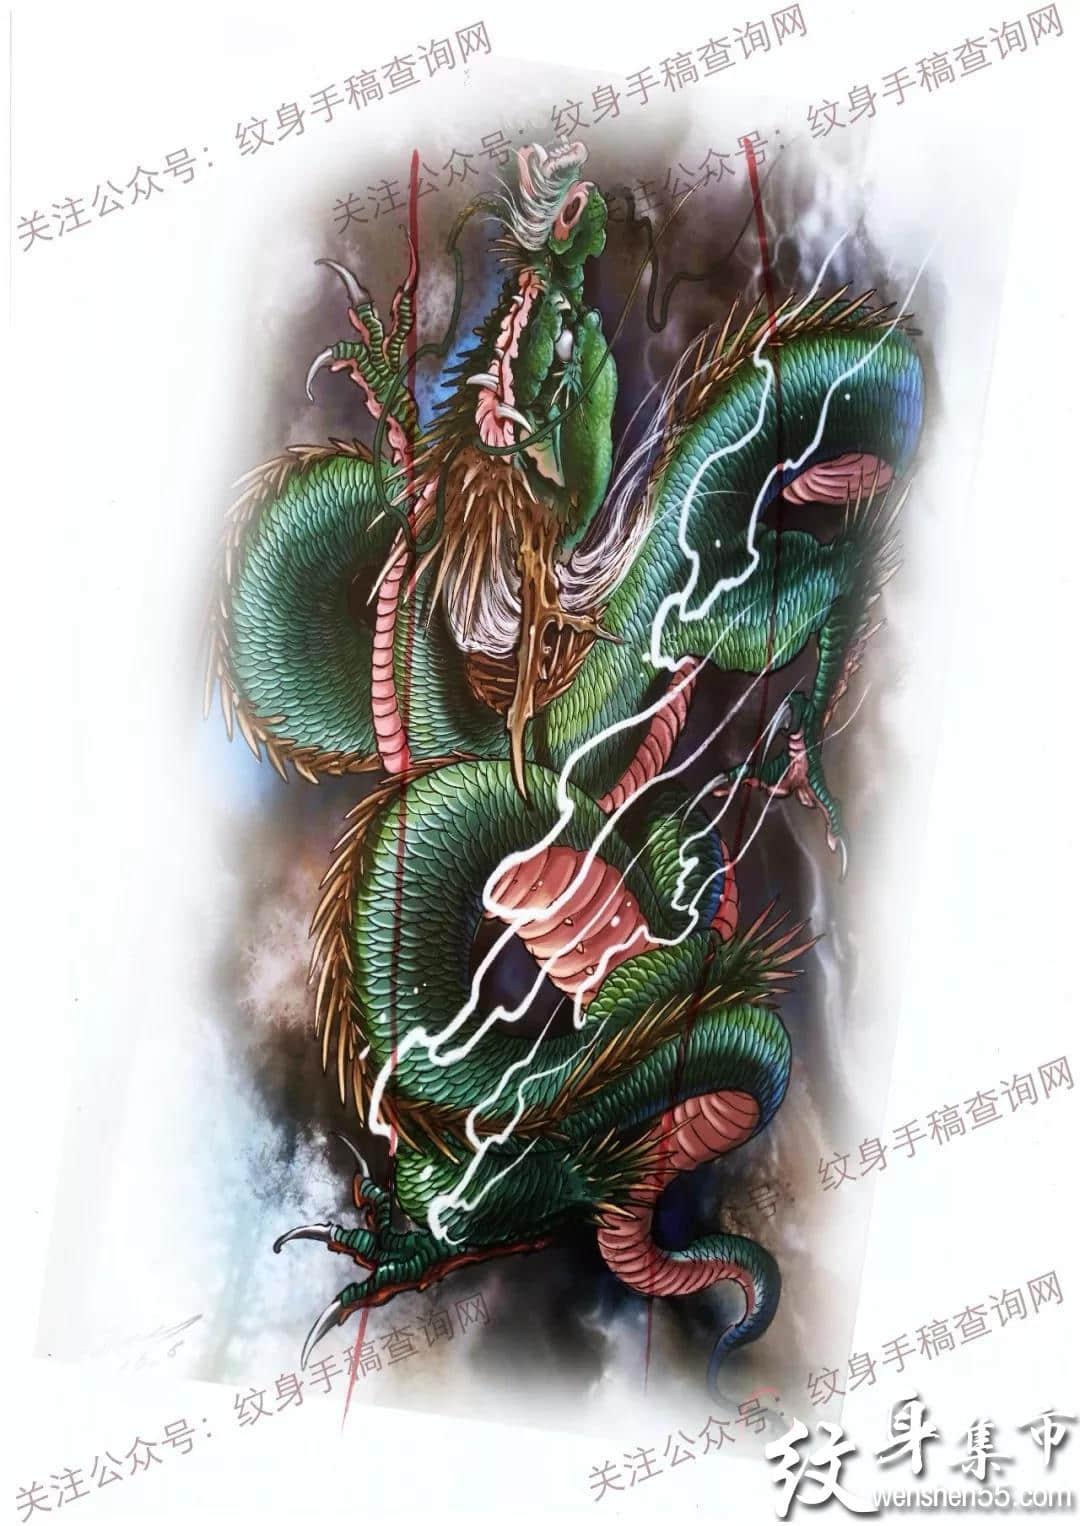 龙纹身,龙纹身手稿,一组适合手臂腿部龙纹身手稿图案